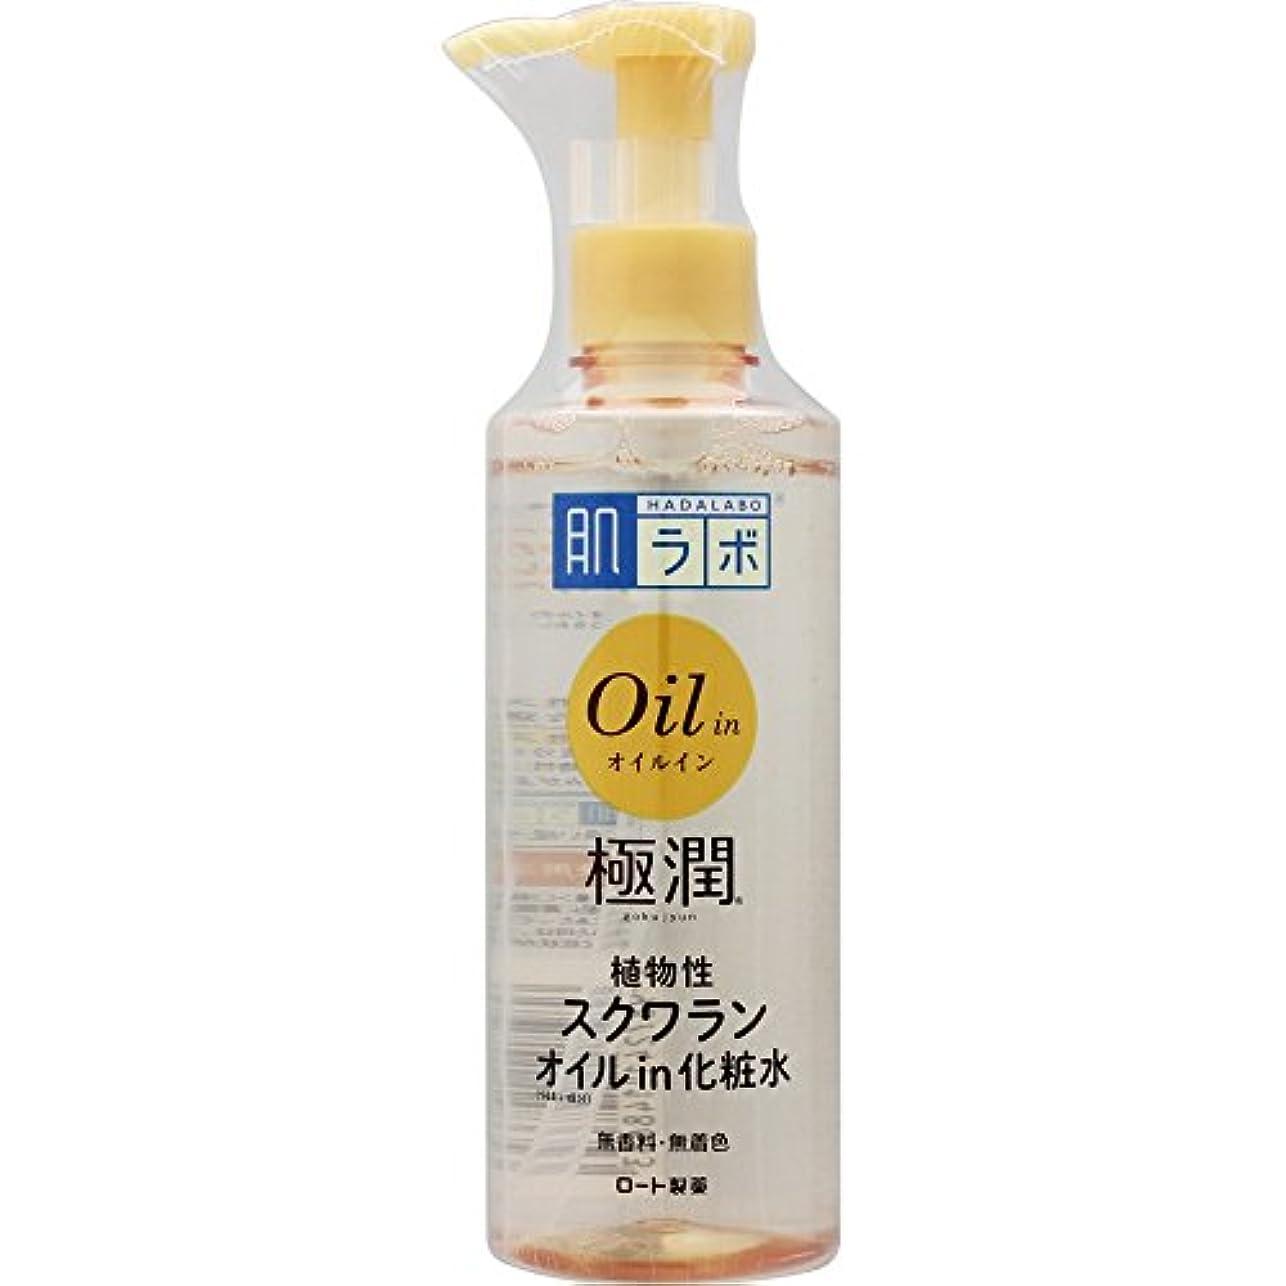 すり減る理論的しょっぱい肌ラボ 極潤オイルイン化粧水 植物性スクワランオイル配合 220ml